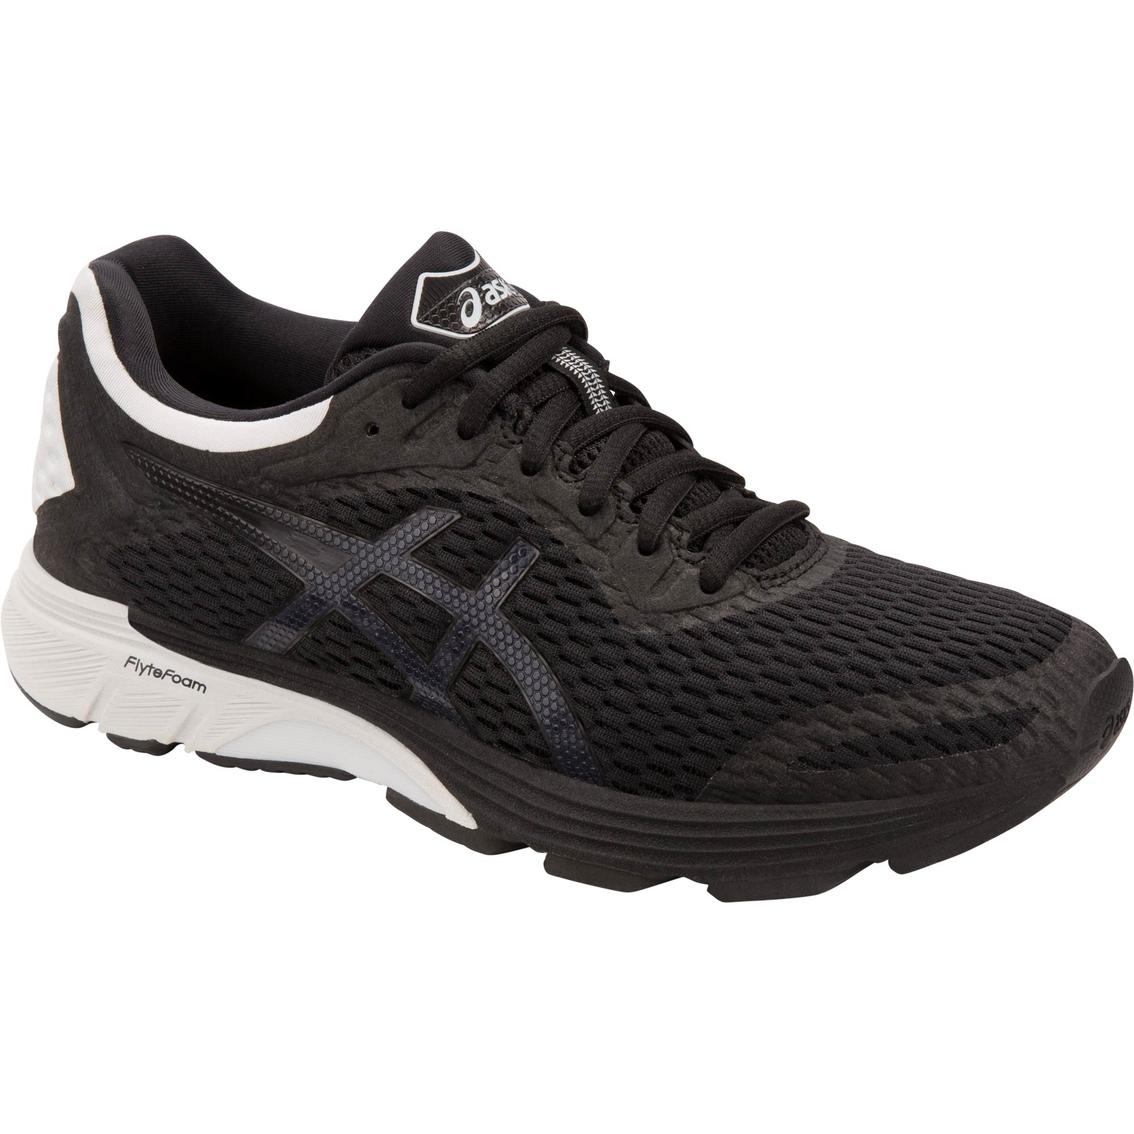 Asics Women's Gt 4000 Running Shoes